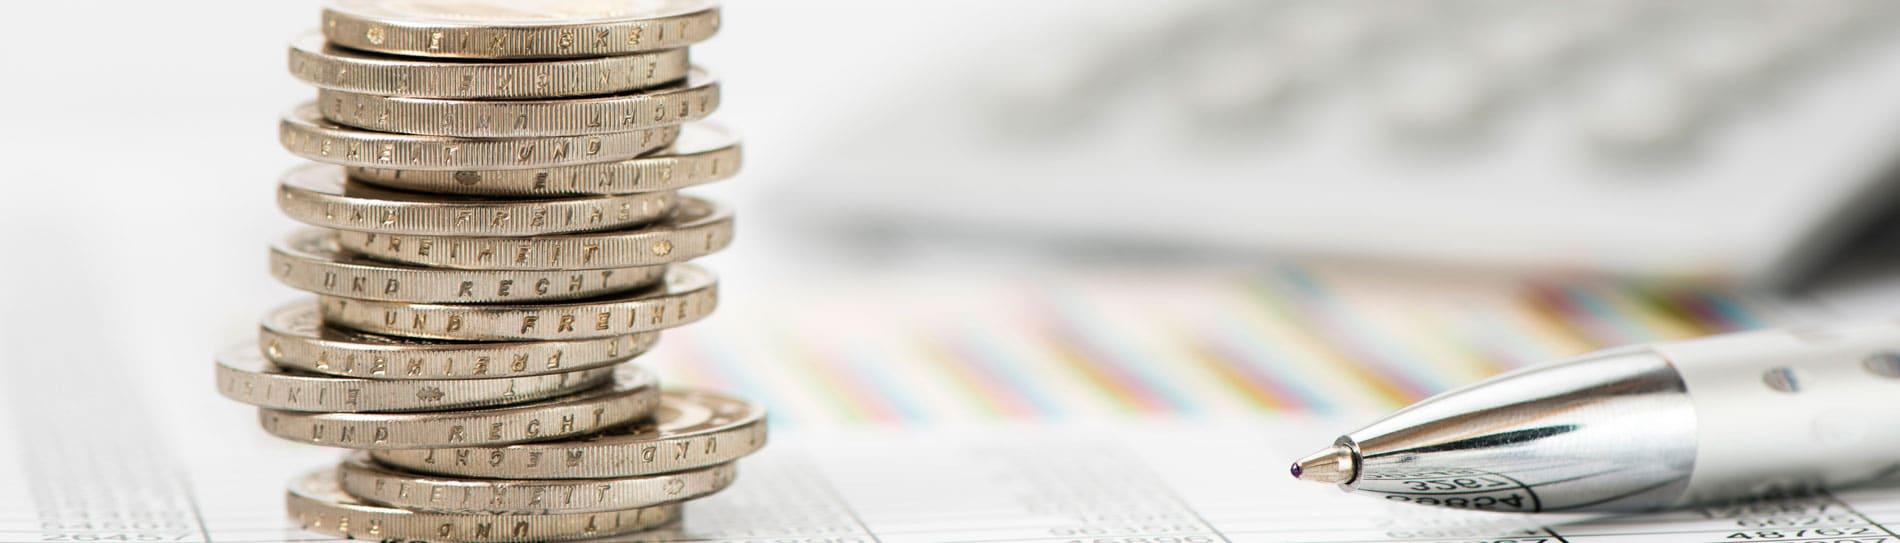 Financiële afwikkeling scheiding Gefinancierde rechtshulp